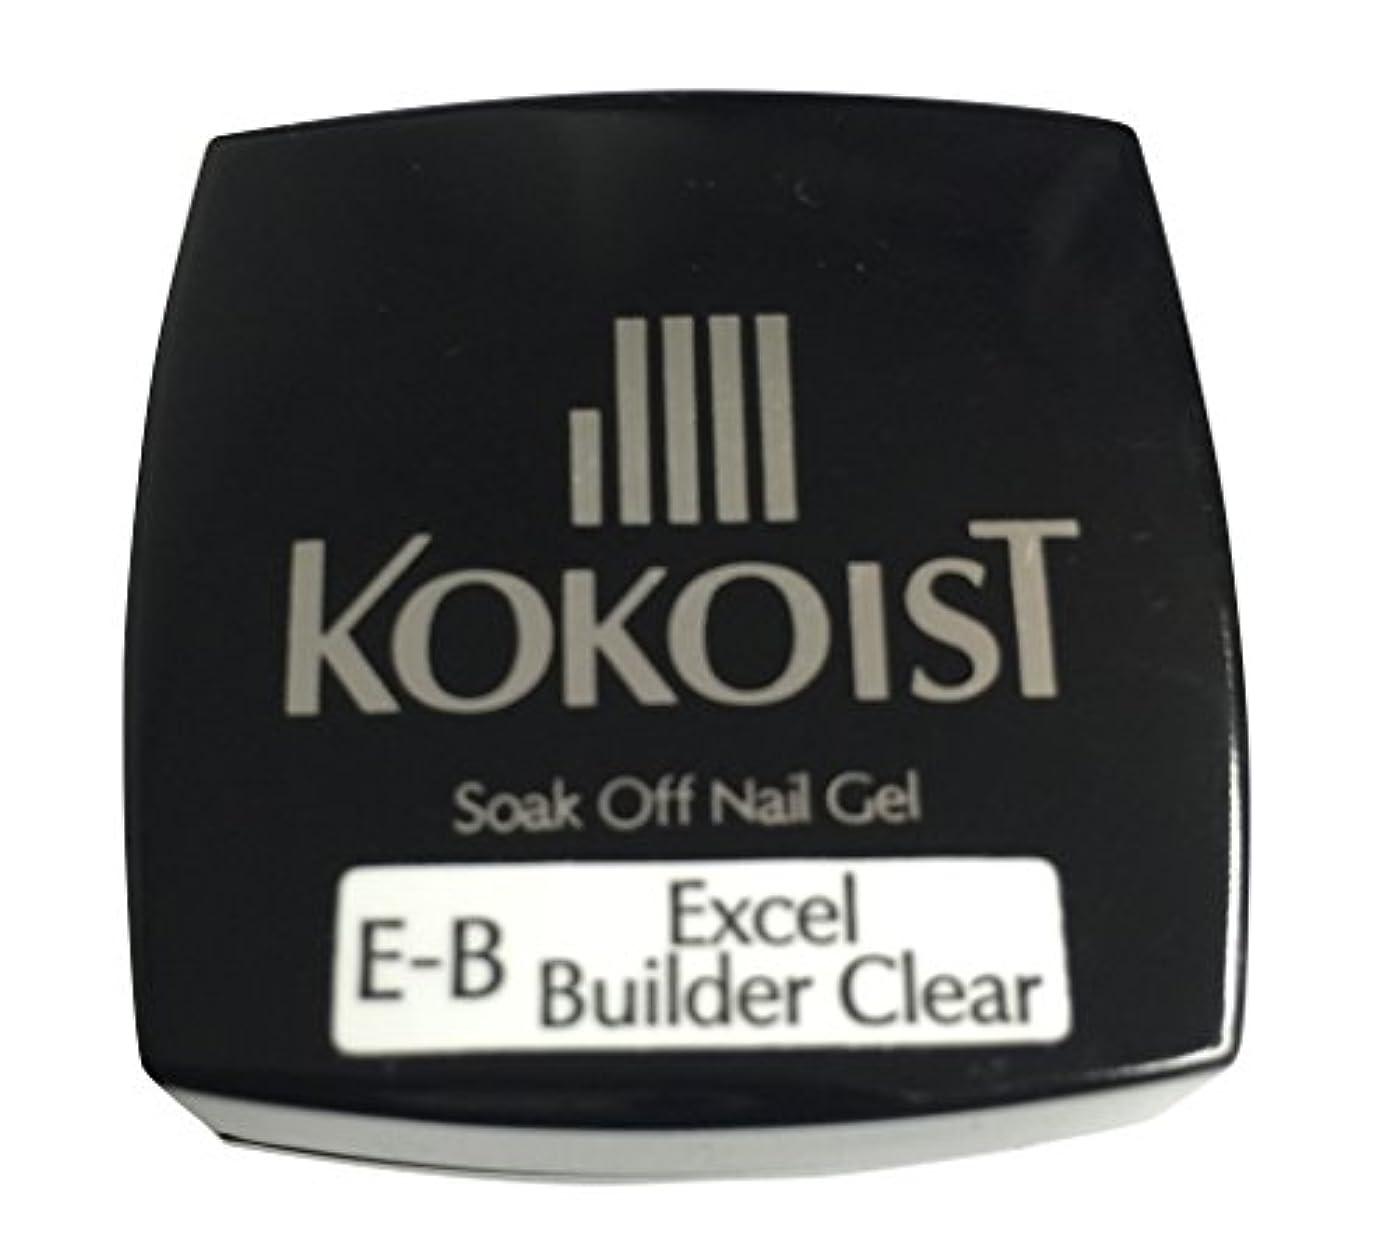 解読する気性リークKOKOIST(ココイスト) ソークオフクリアジェル エクセルビルダー  4g